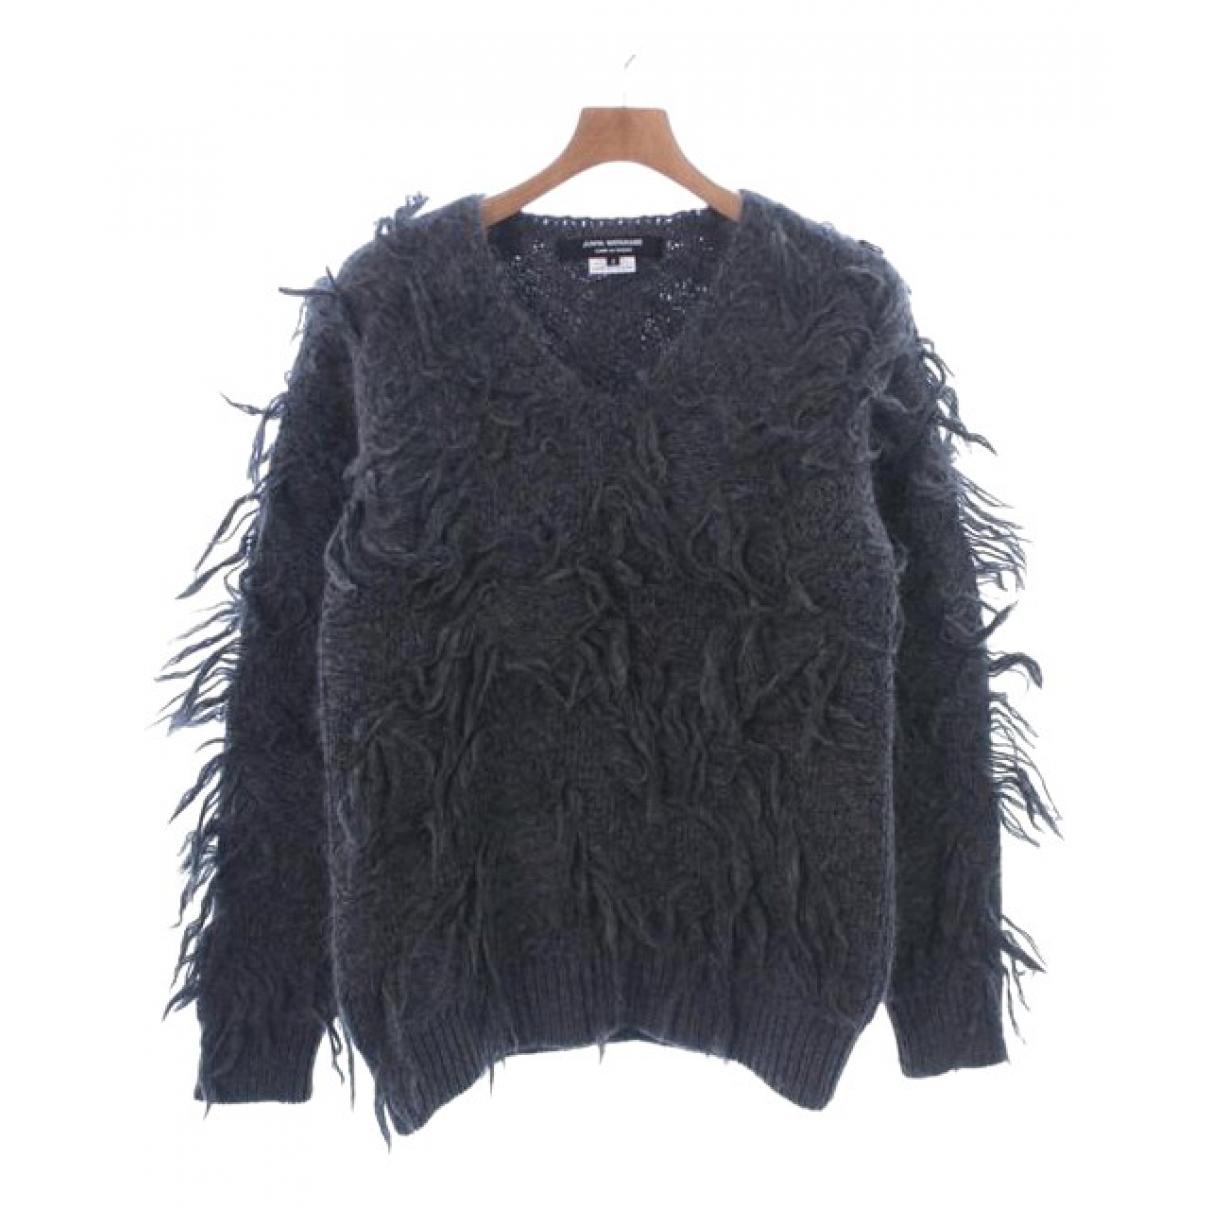 Comme Des Garcons N Grey Wool Knitwear for Women S International